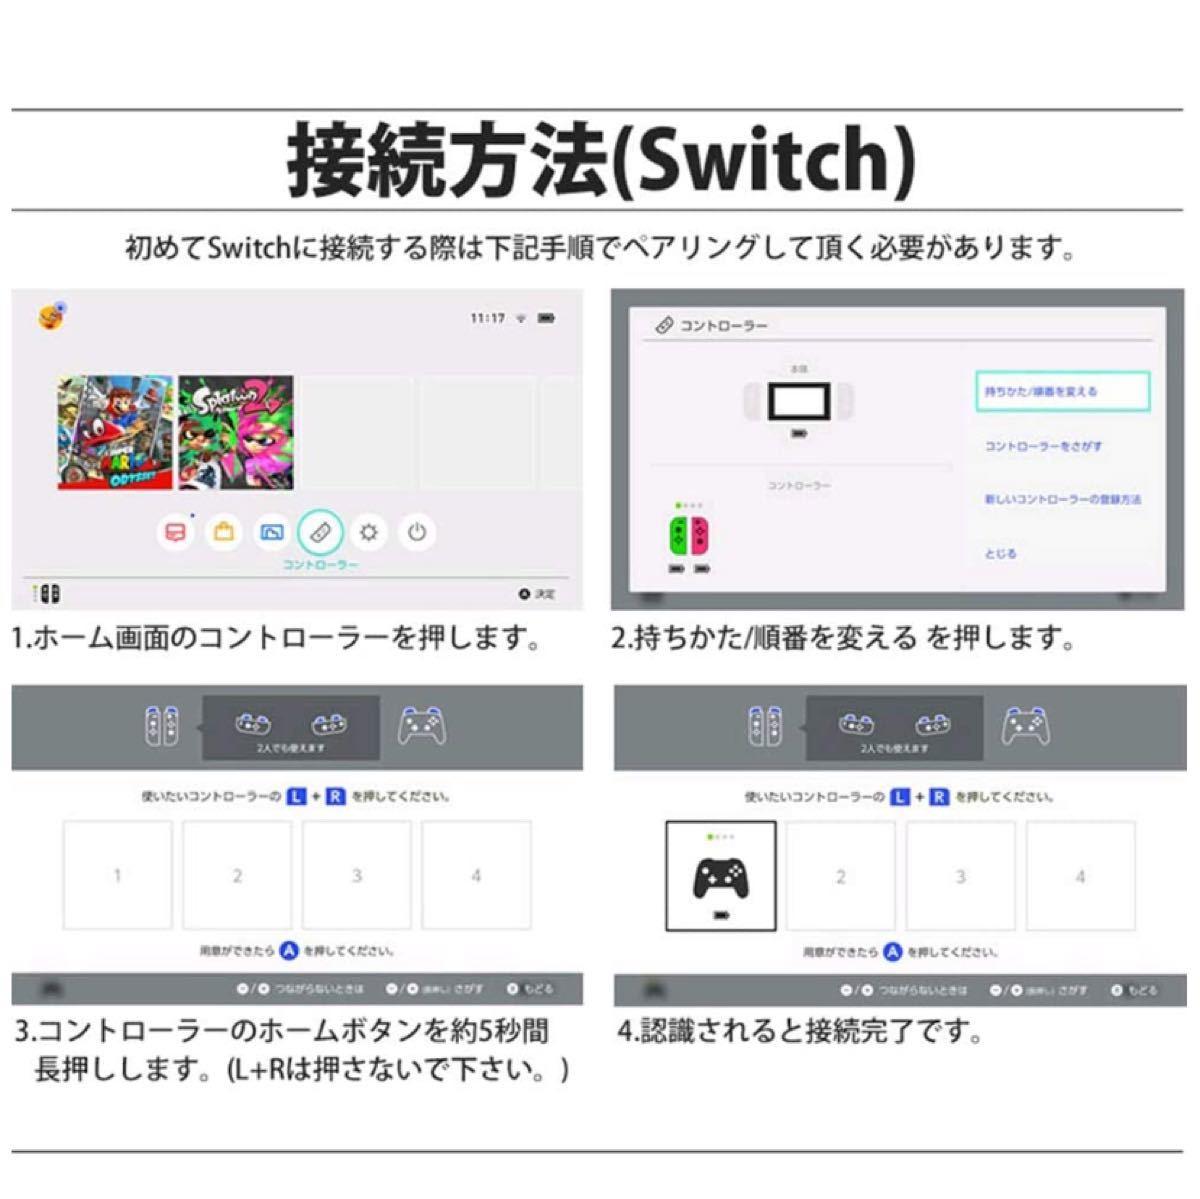 Switchコントローラー 無線 ジャイロセンサー